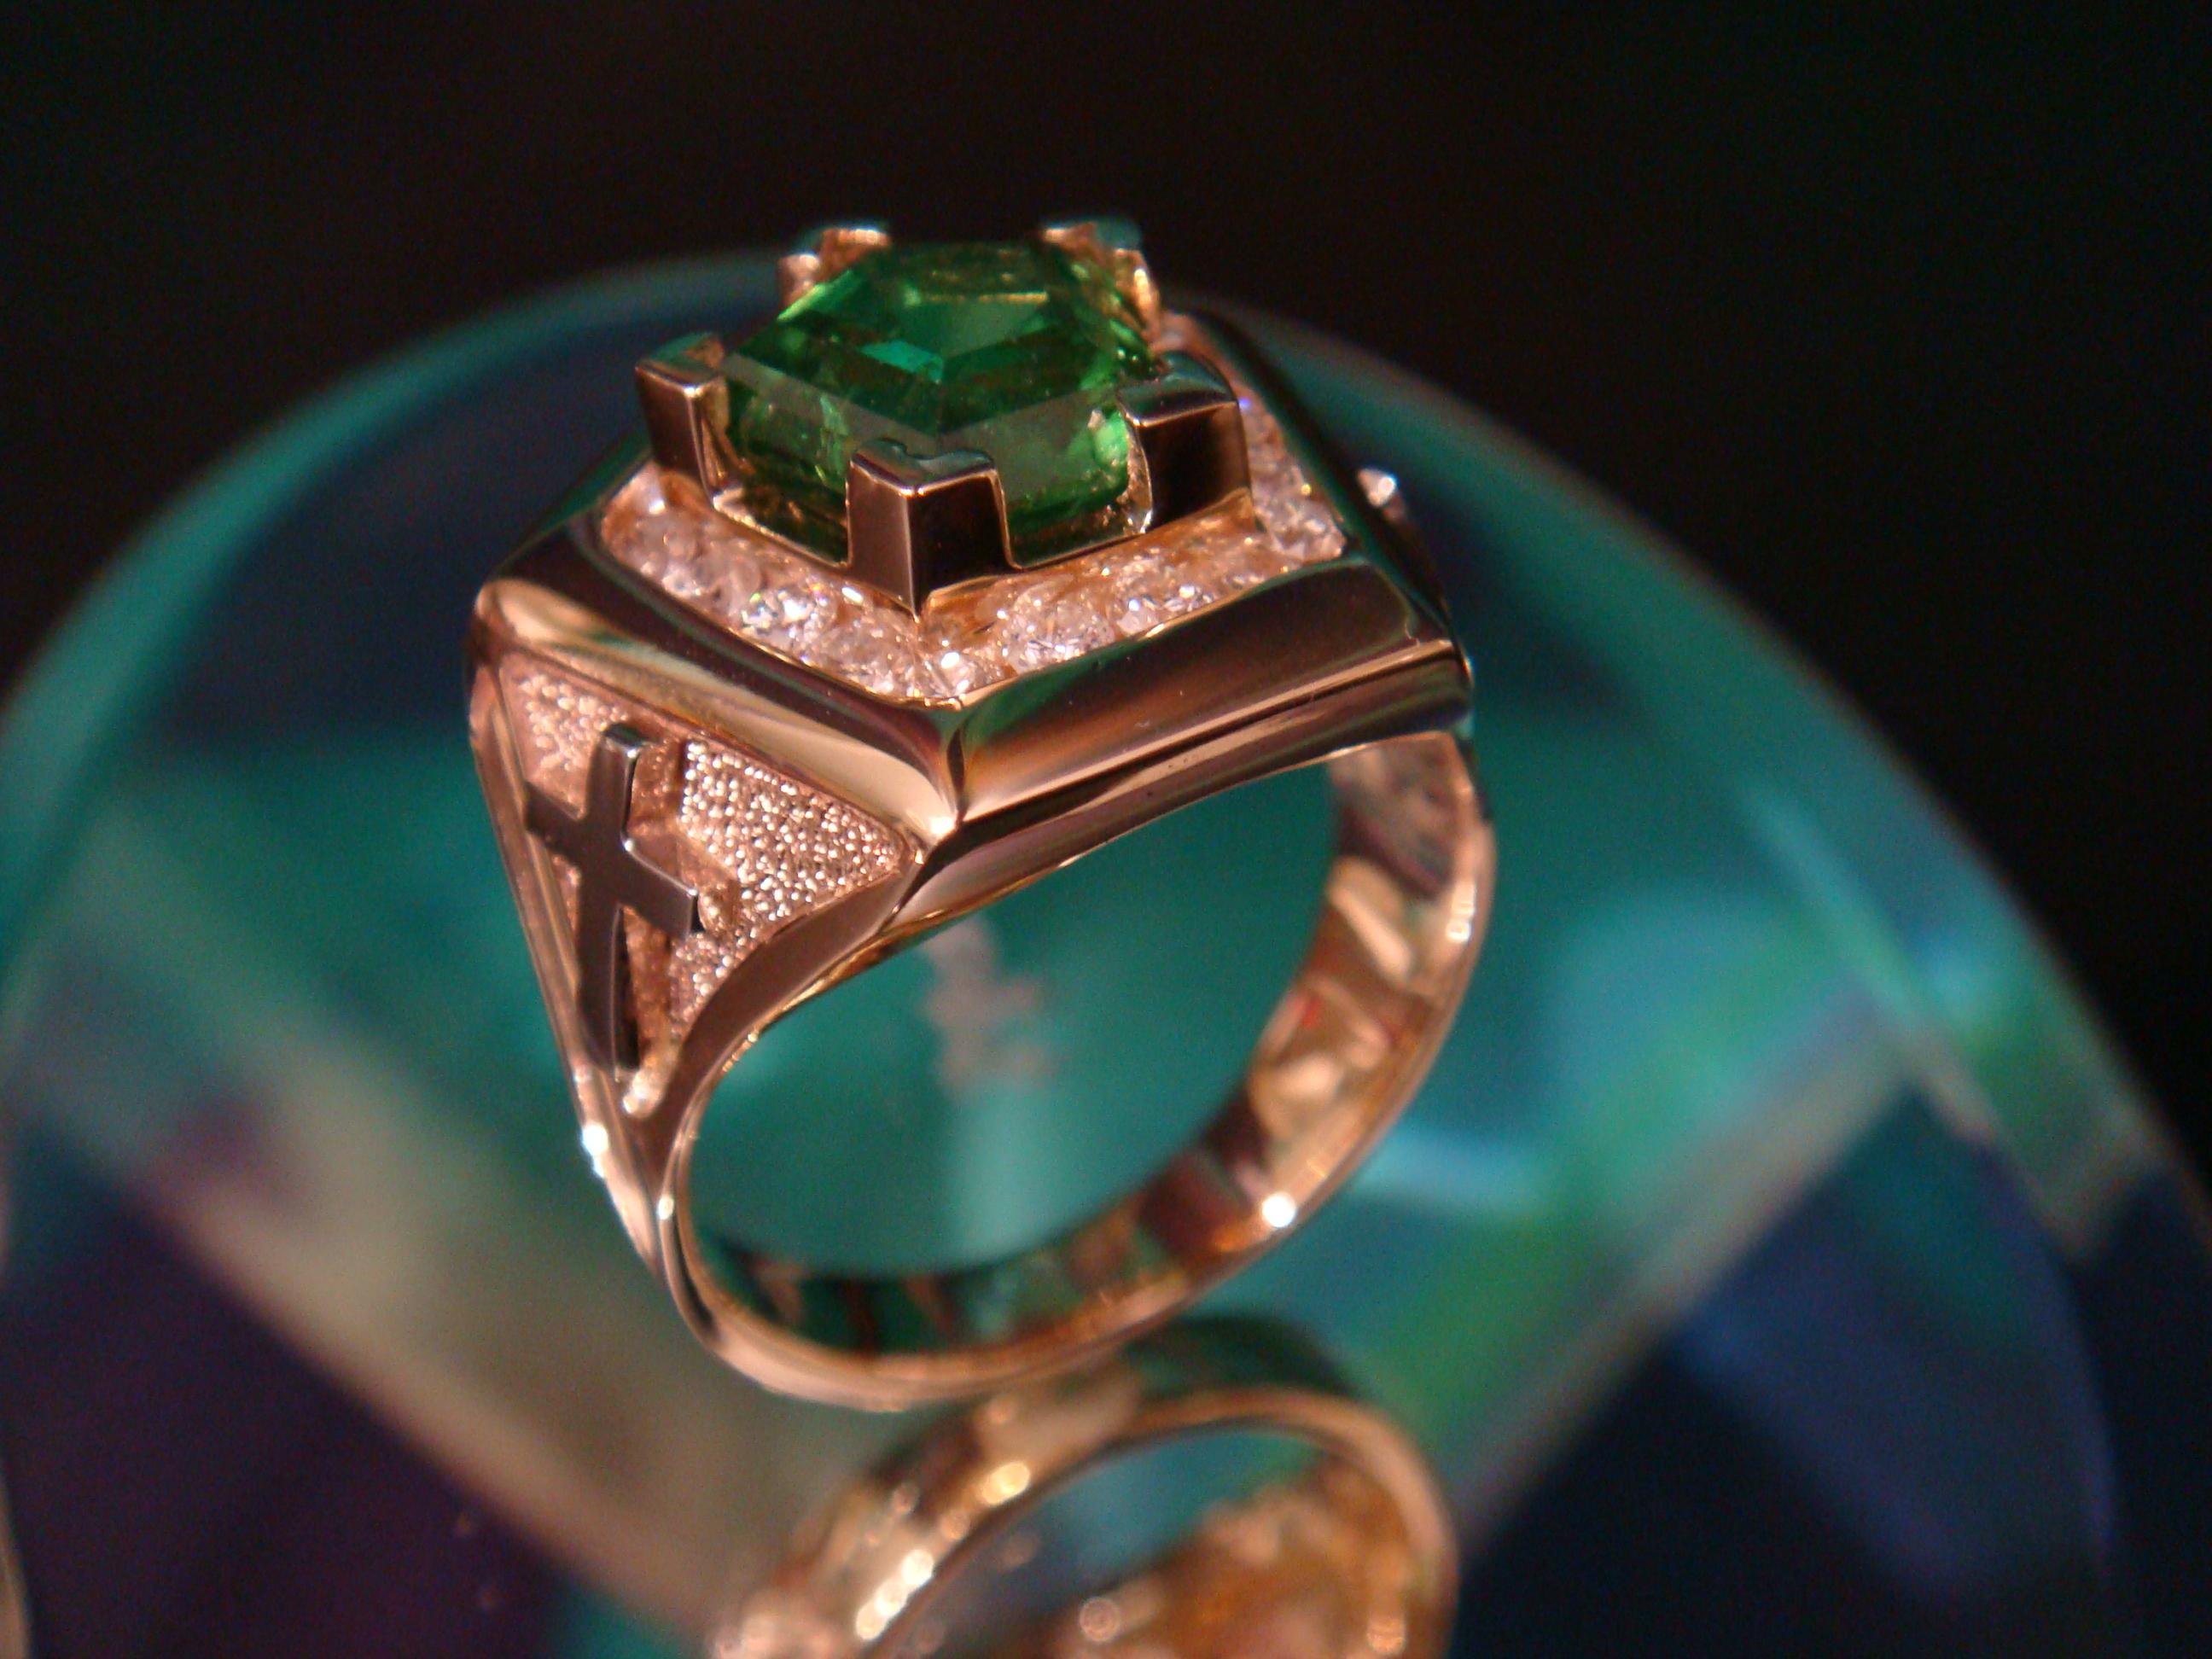 Tsavorite garnet and diamonds